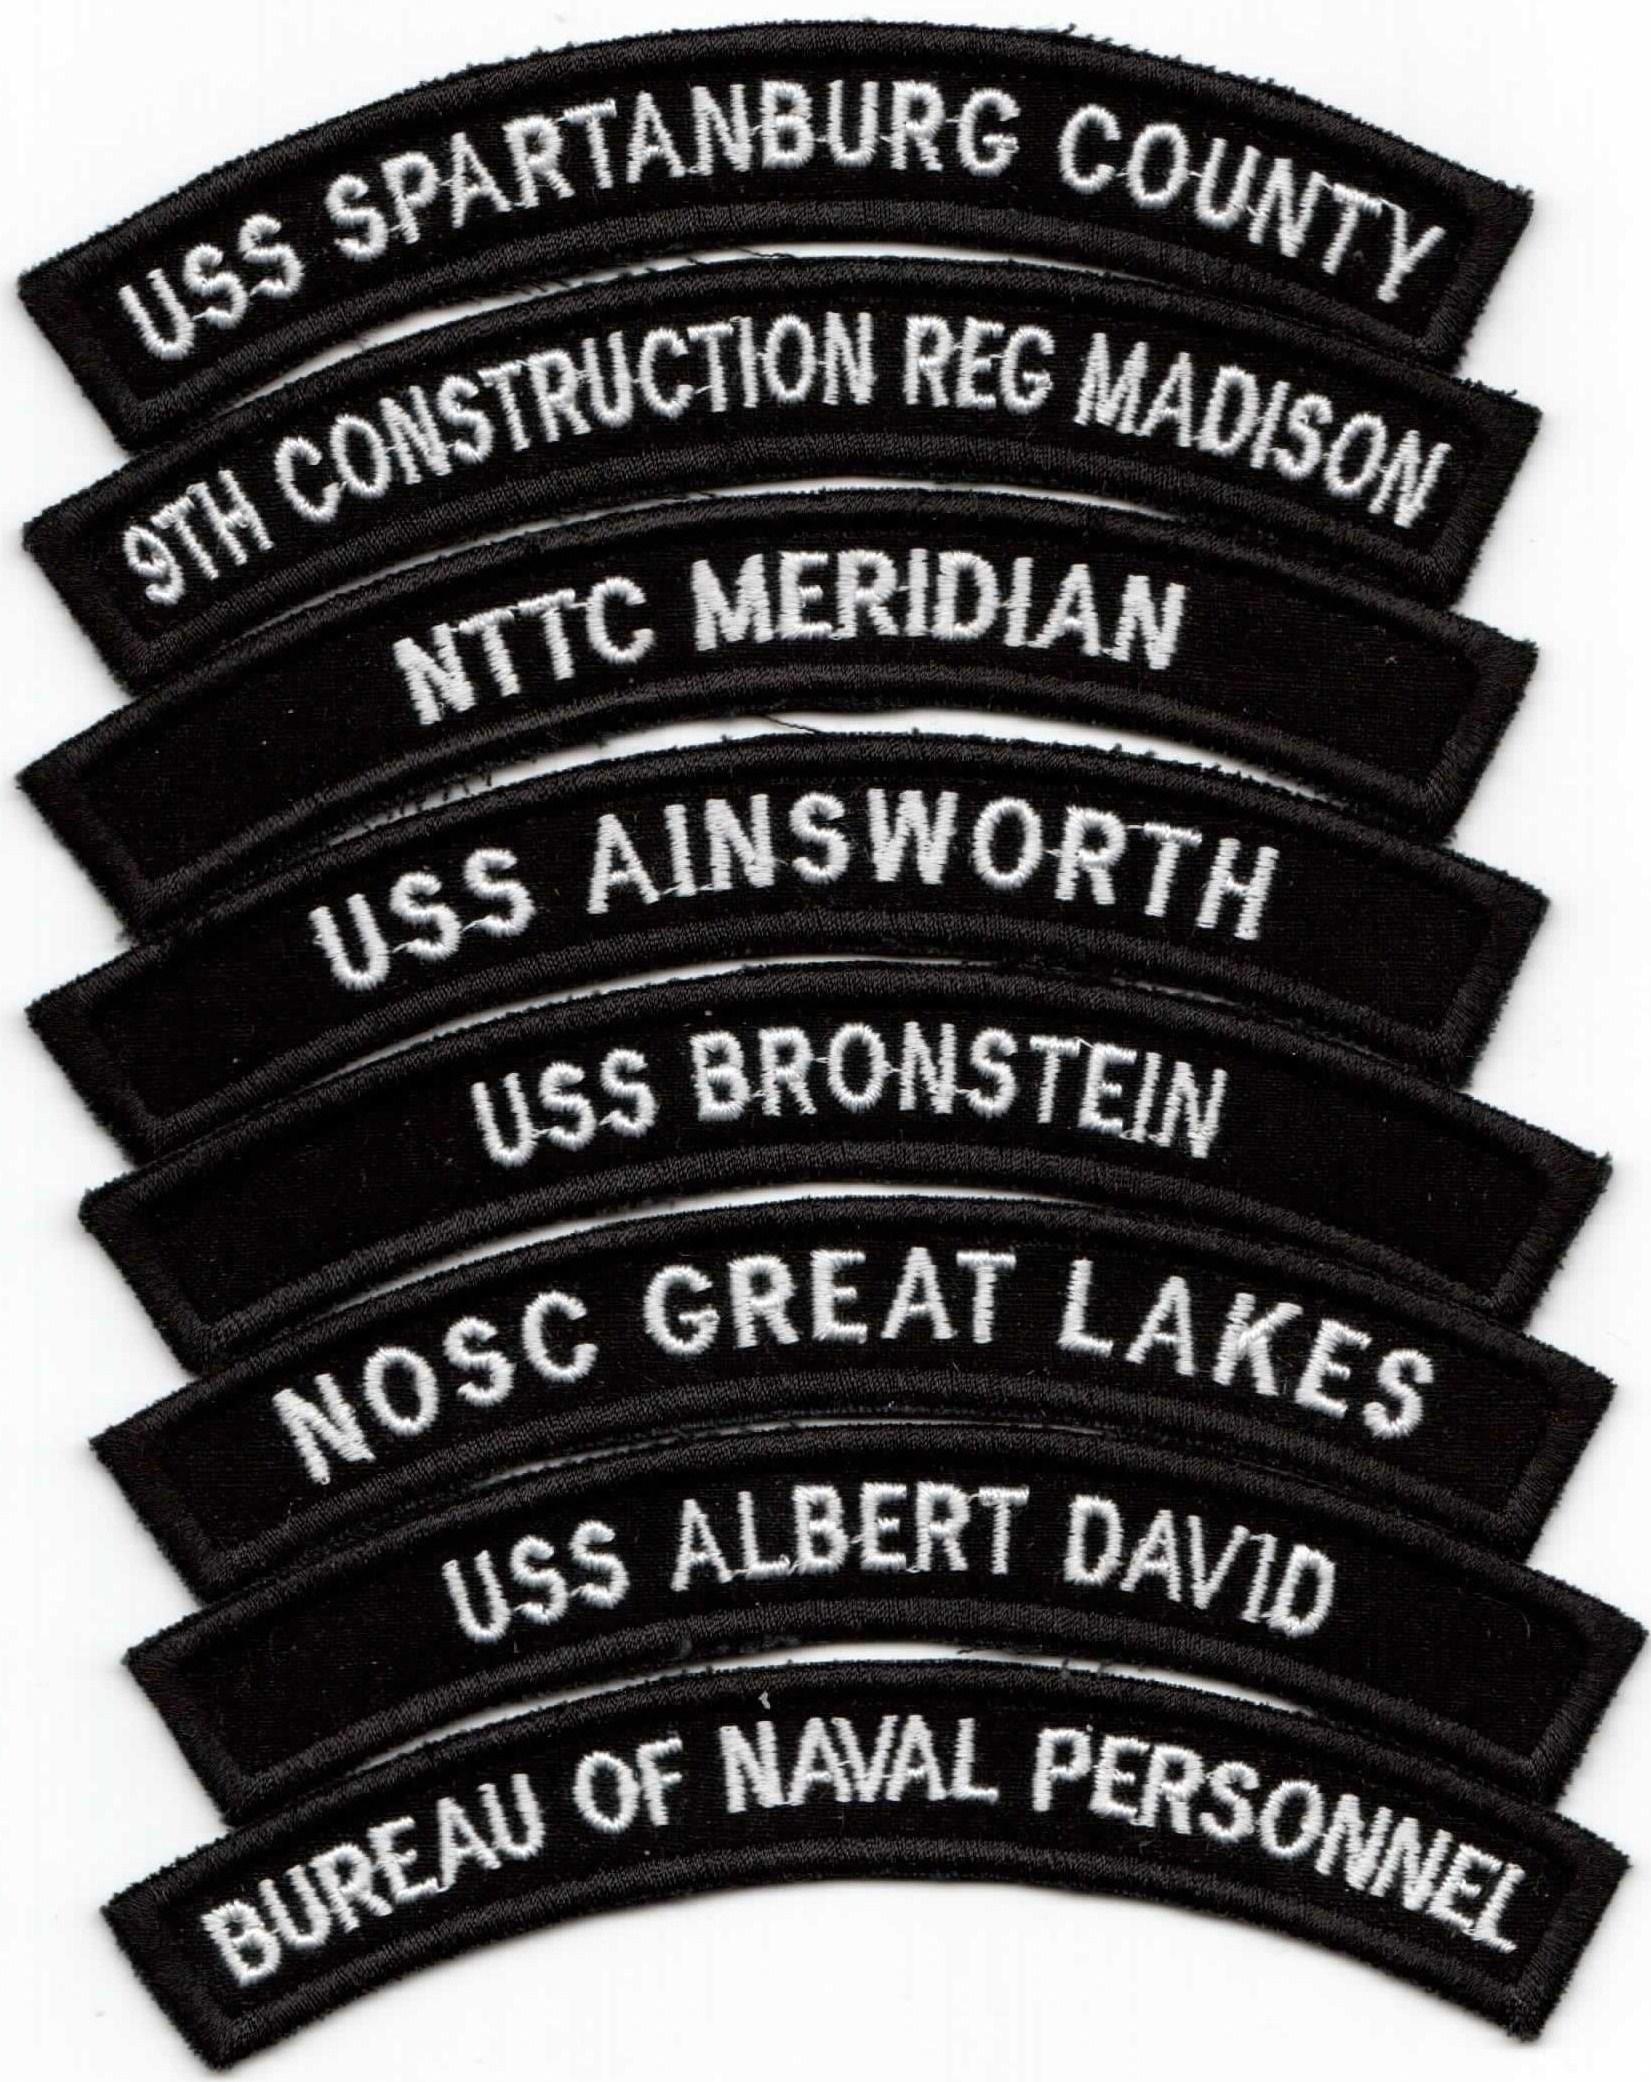 20 NAVSTA MOBILE Alabama US Navy Enlisted Uniform Shoulder Rocker Patches!!